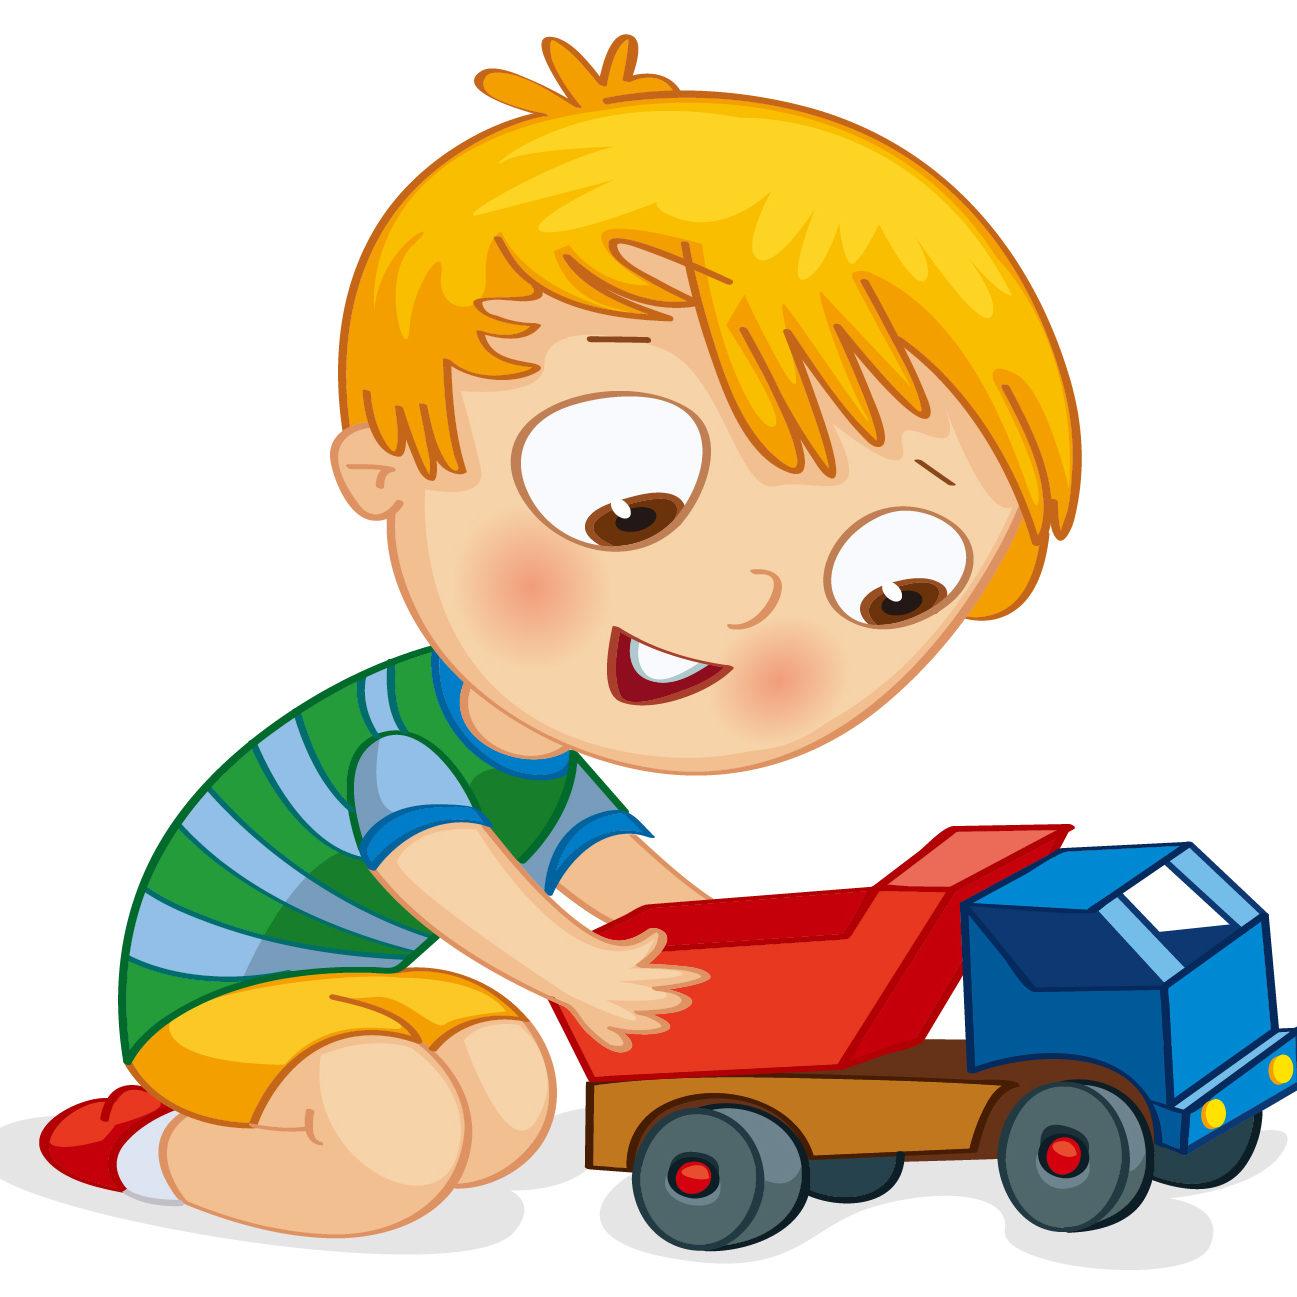 enfant camion fd blc